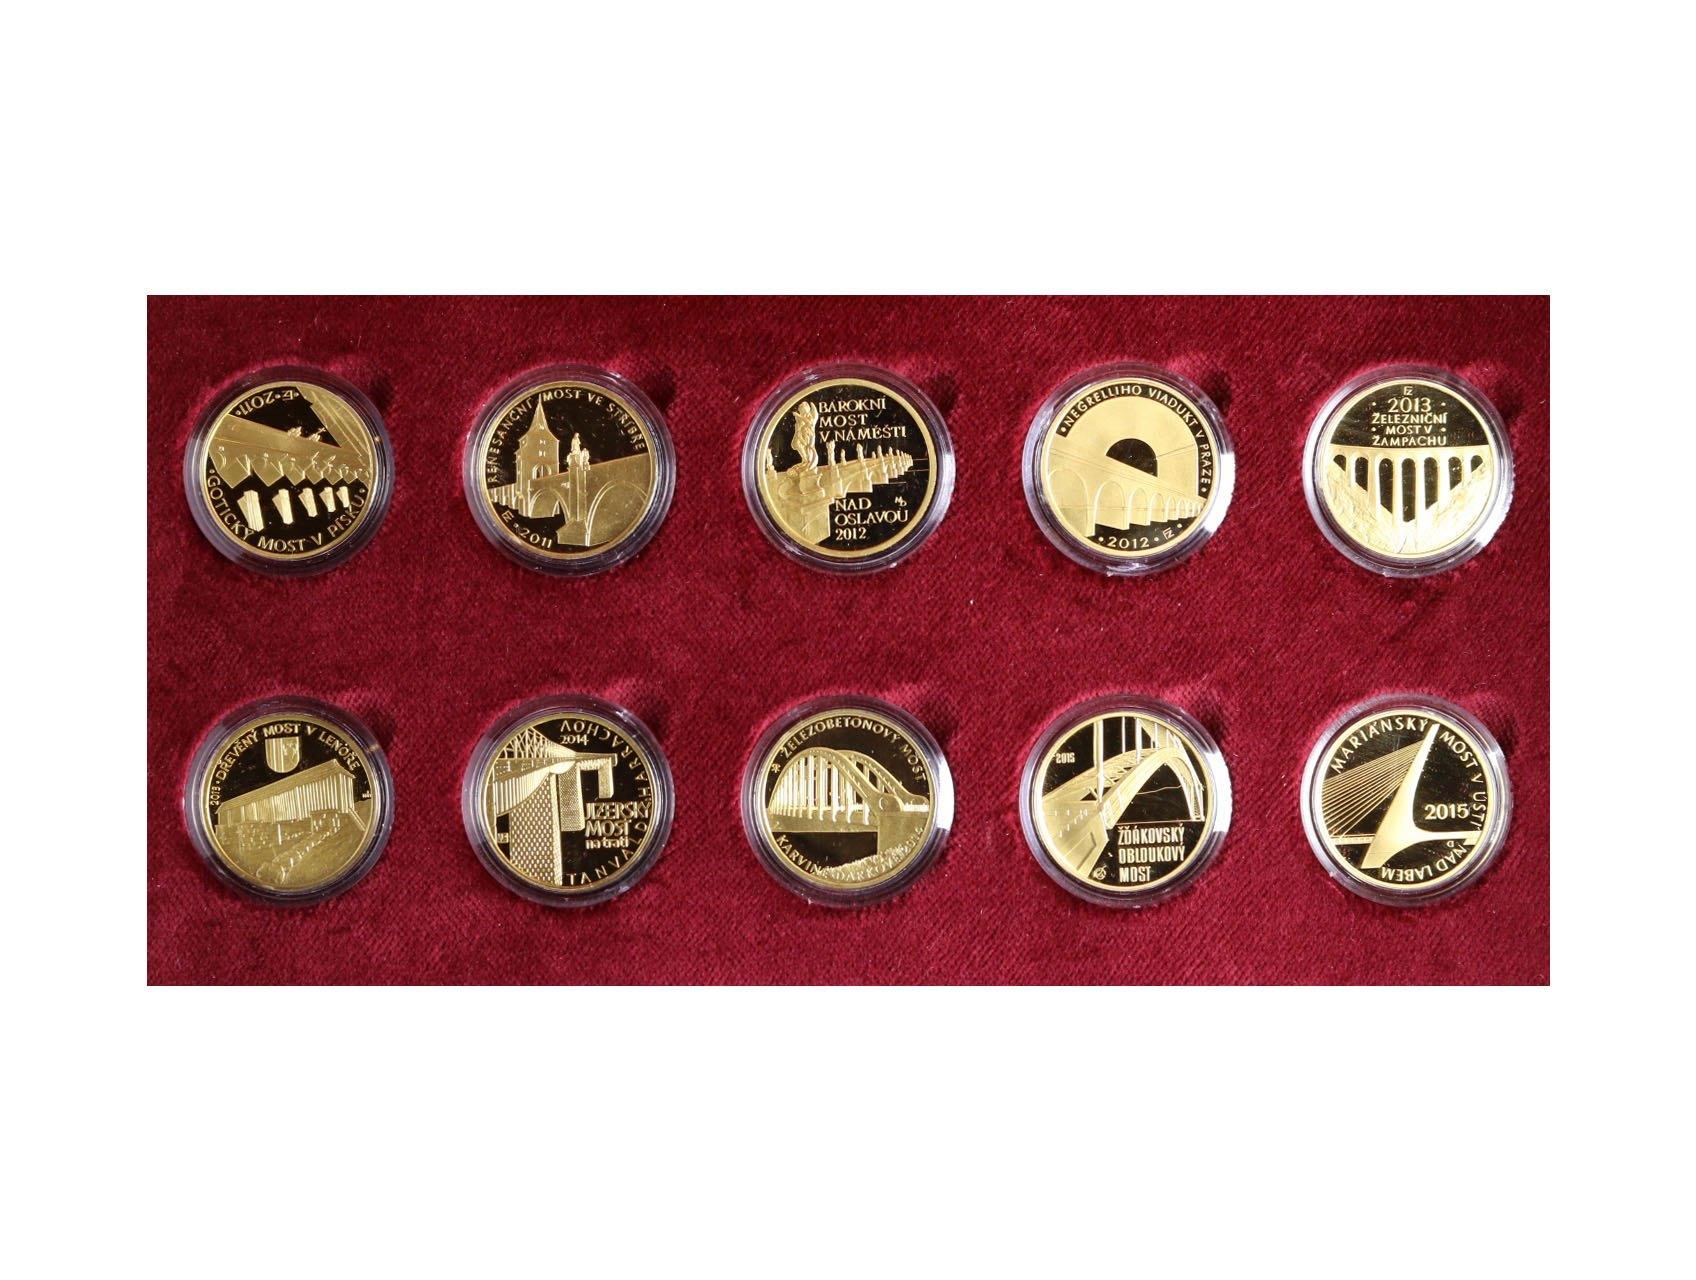 Česká Republika 1993 - kompletní sada zlatých mincí 5000 Kč 2011 - 2015 Mosty České republiky, 10ks mincí ve společné dřevěné etui, Au 999,9, 10x 15,55g, kvalita proof, certifikáty, bezvadná kvalita